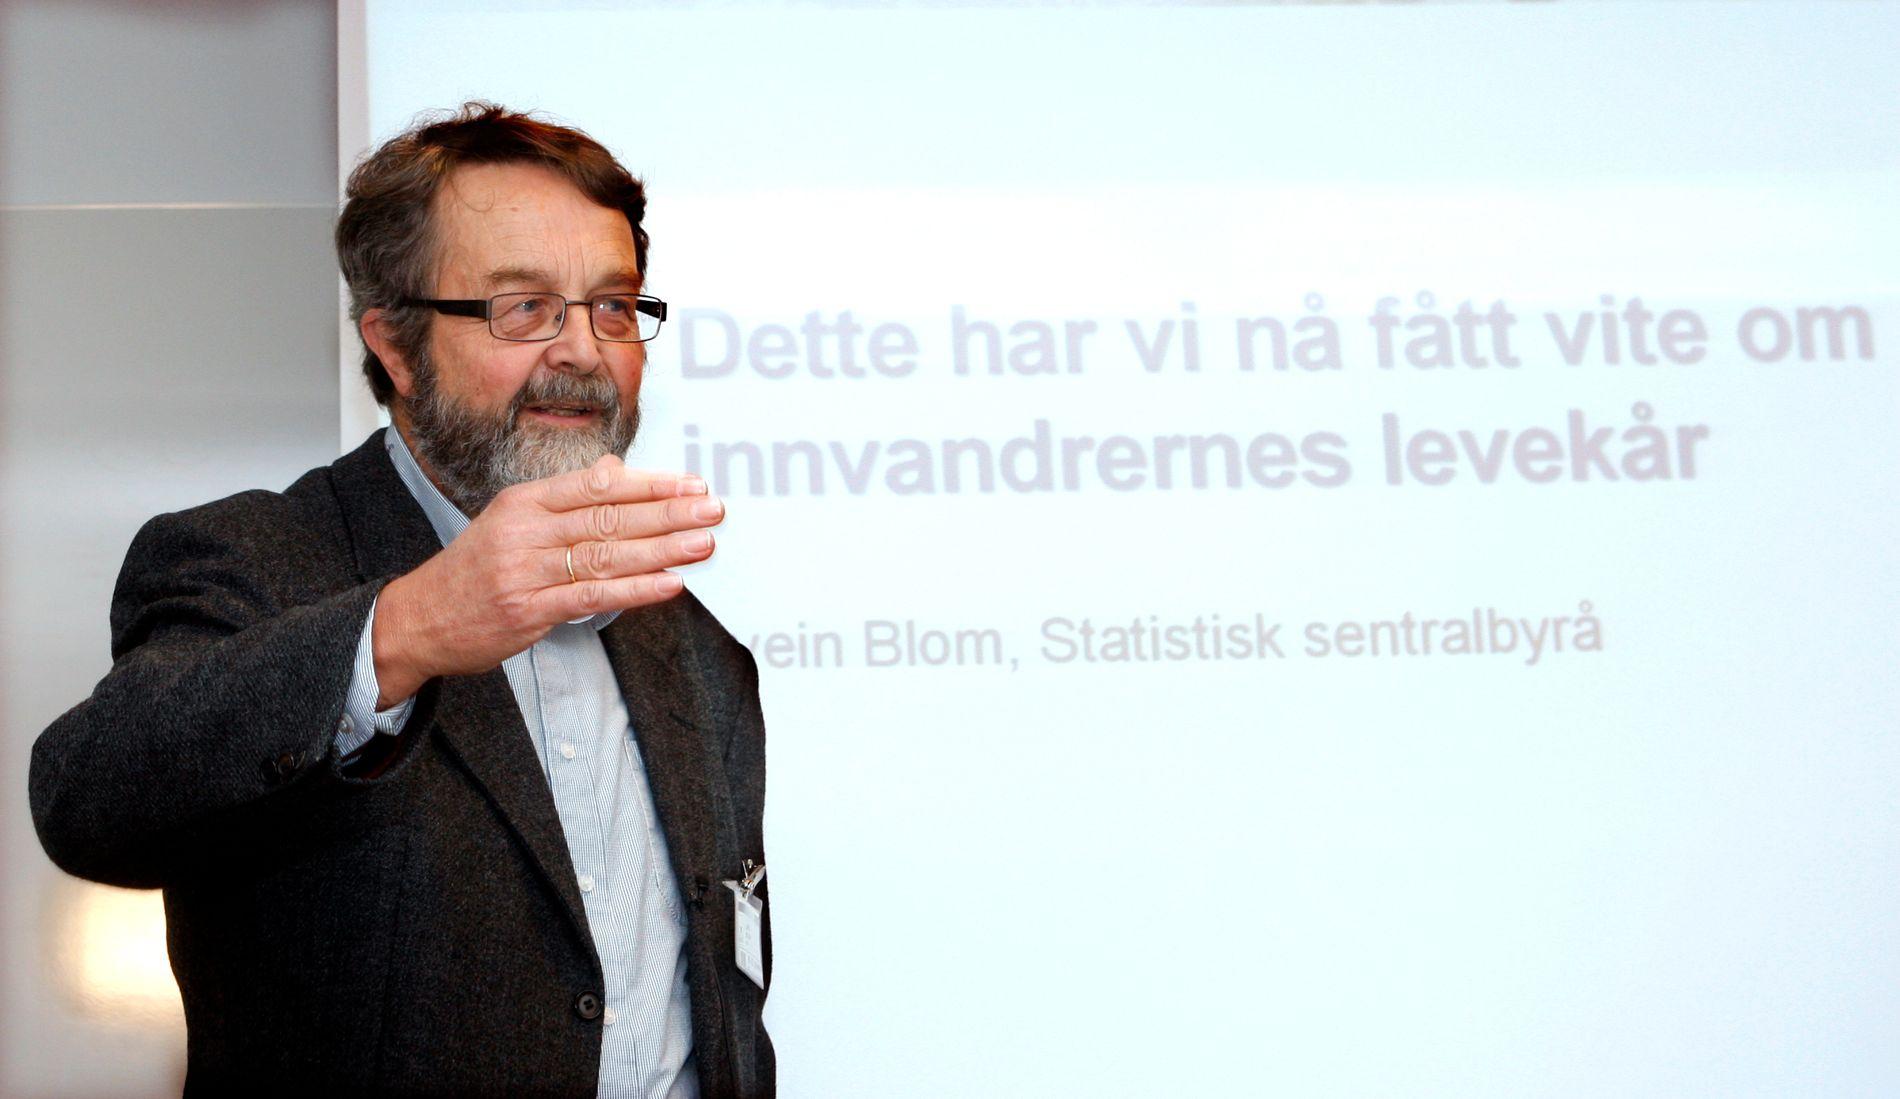 BEKYMRET: – Tilliten til SSB må gjenopprettes slik at  samfunnsoppdraget institusjonen har fått kan fylles, sier den profilerte SSB-forskeren Lars Østby.  Bildet er tatt i 2008, da Østby overleverte en rapport om levekår blant innvandrere i Norge.